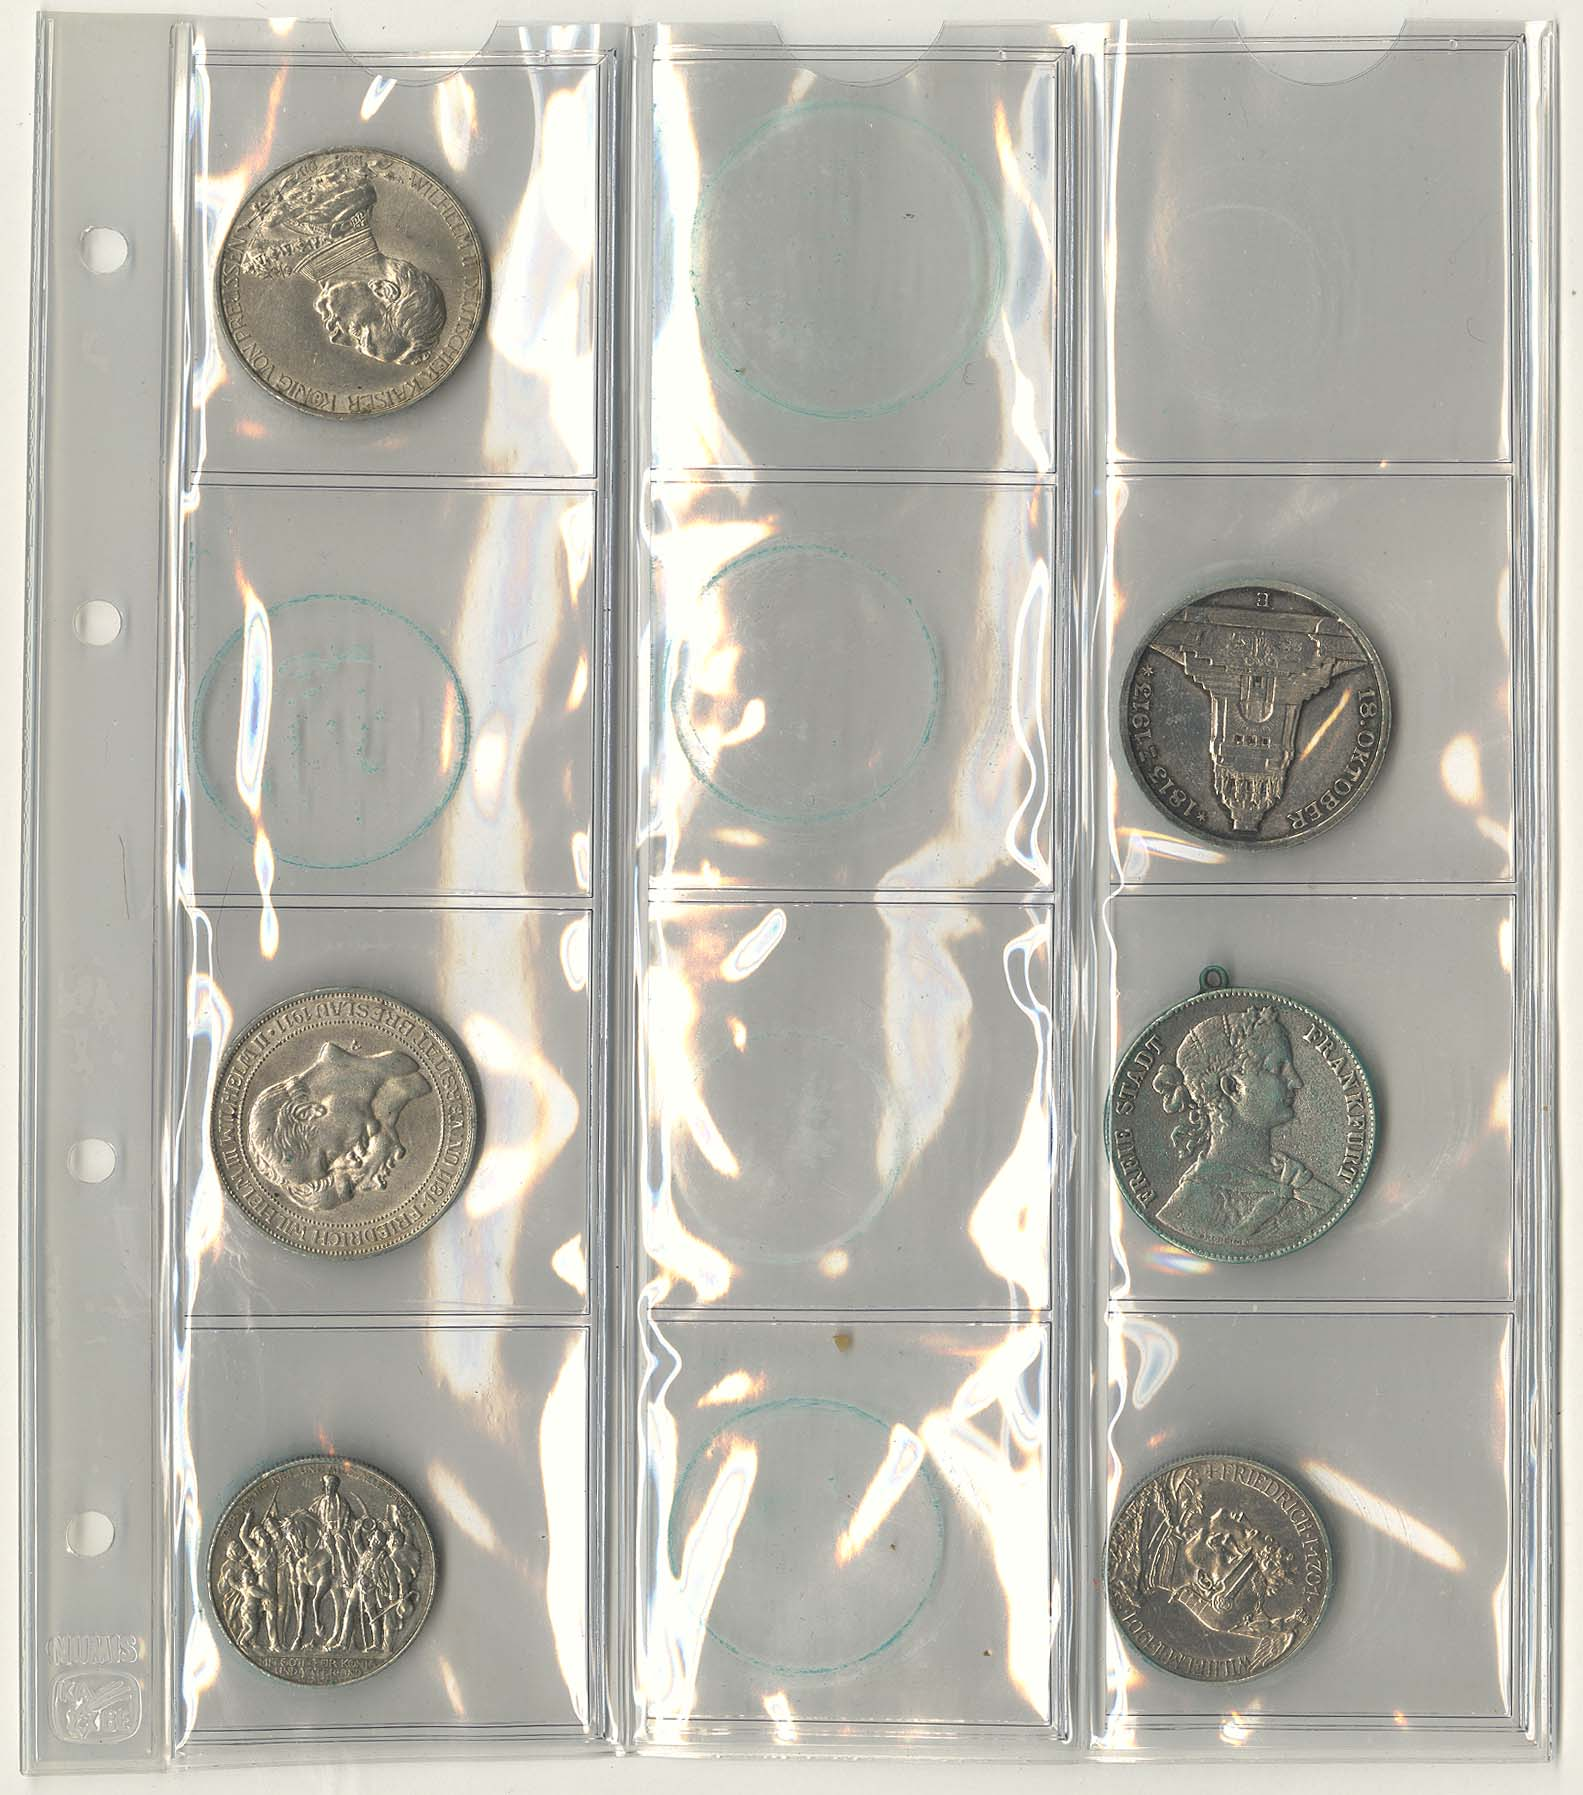 Lot 680 - Deutschland Kaiserreich Silbermünzen Allgemein  -  Auktionshaus Ulrich Felzmann GmbH & Co. KG Auction 169